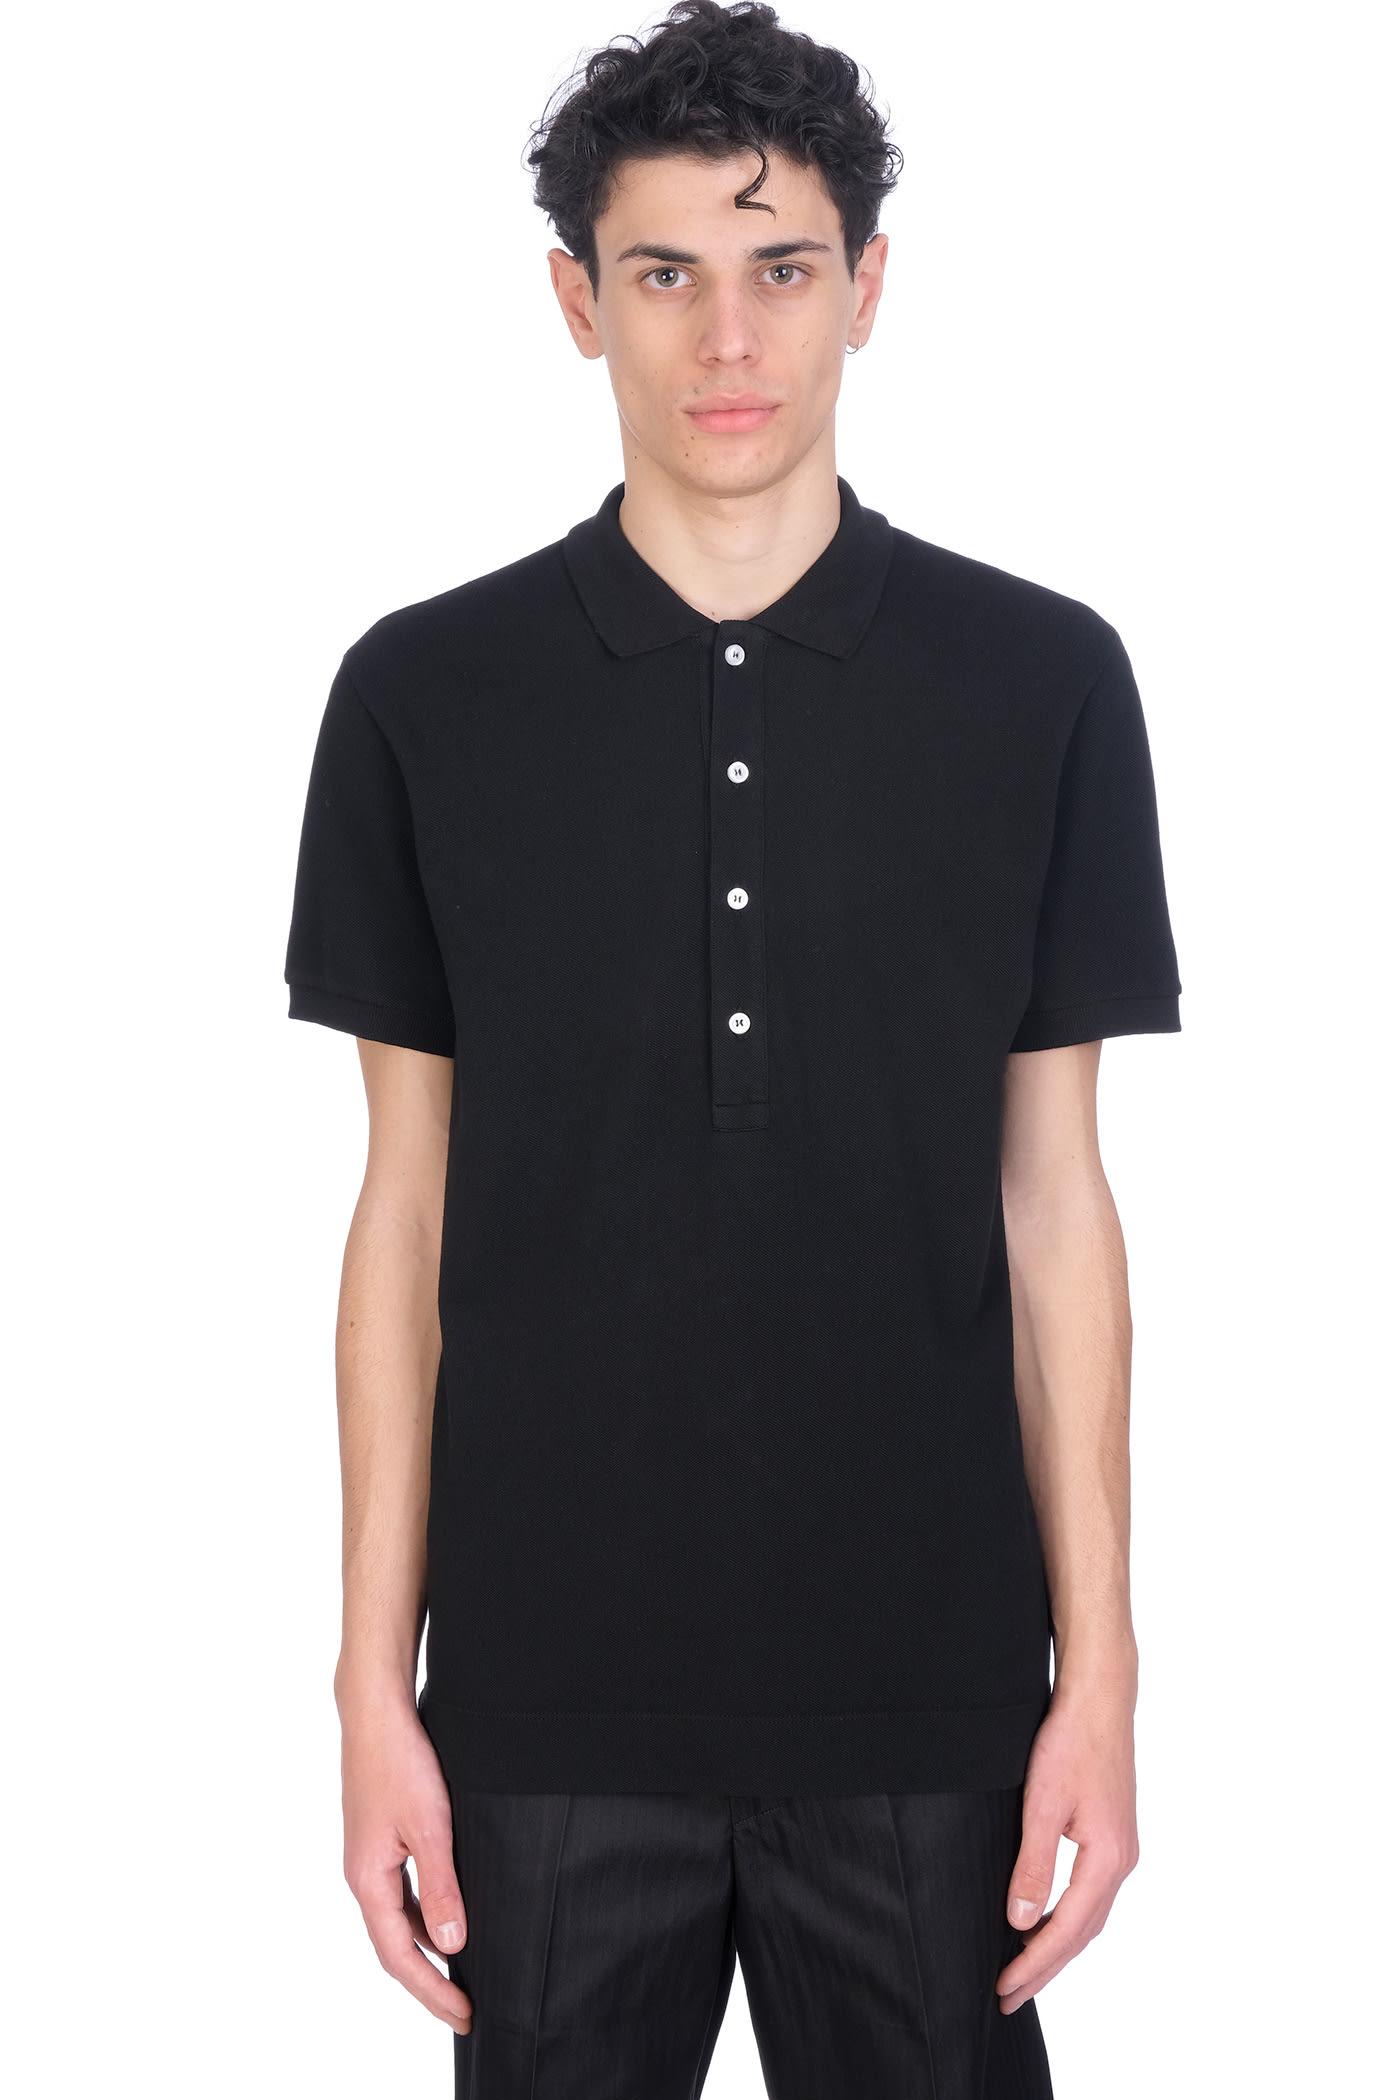 Polo In Black Cotton